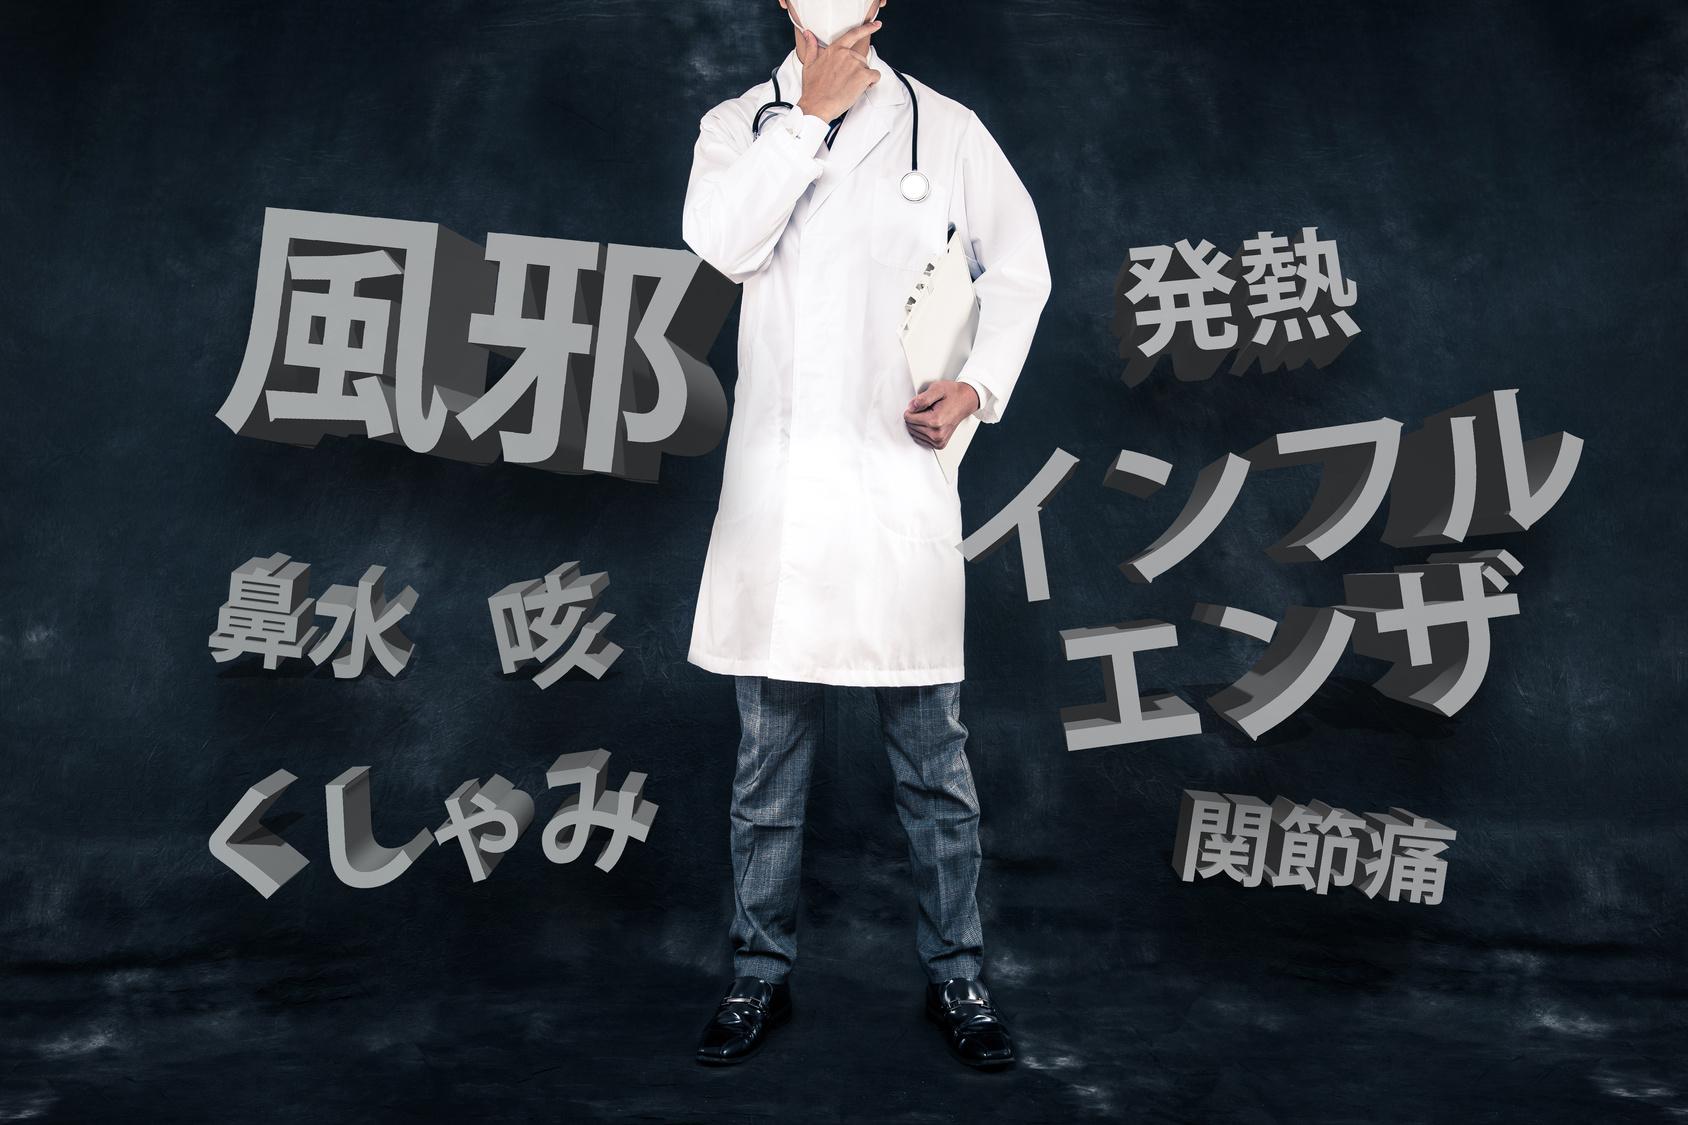 風邪やインフルエンザと医者